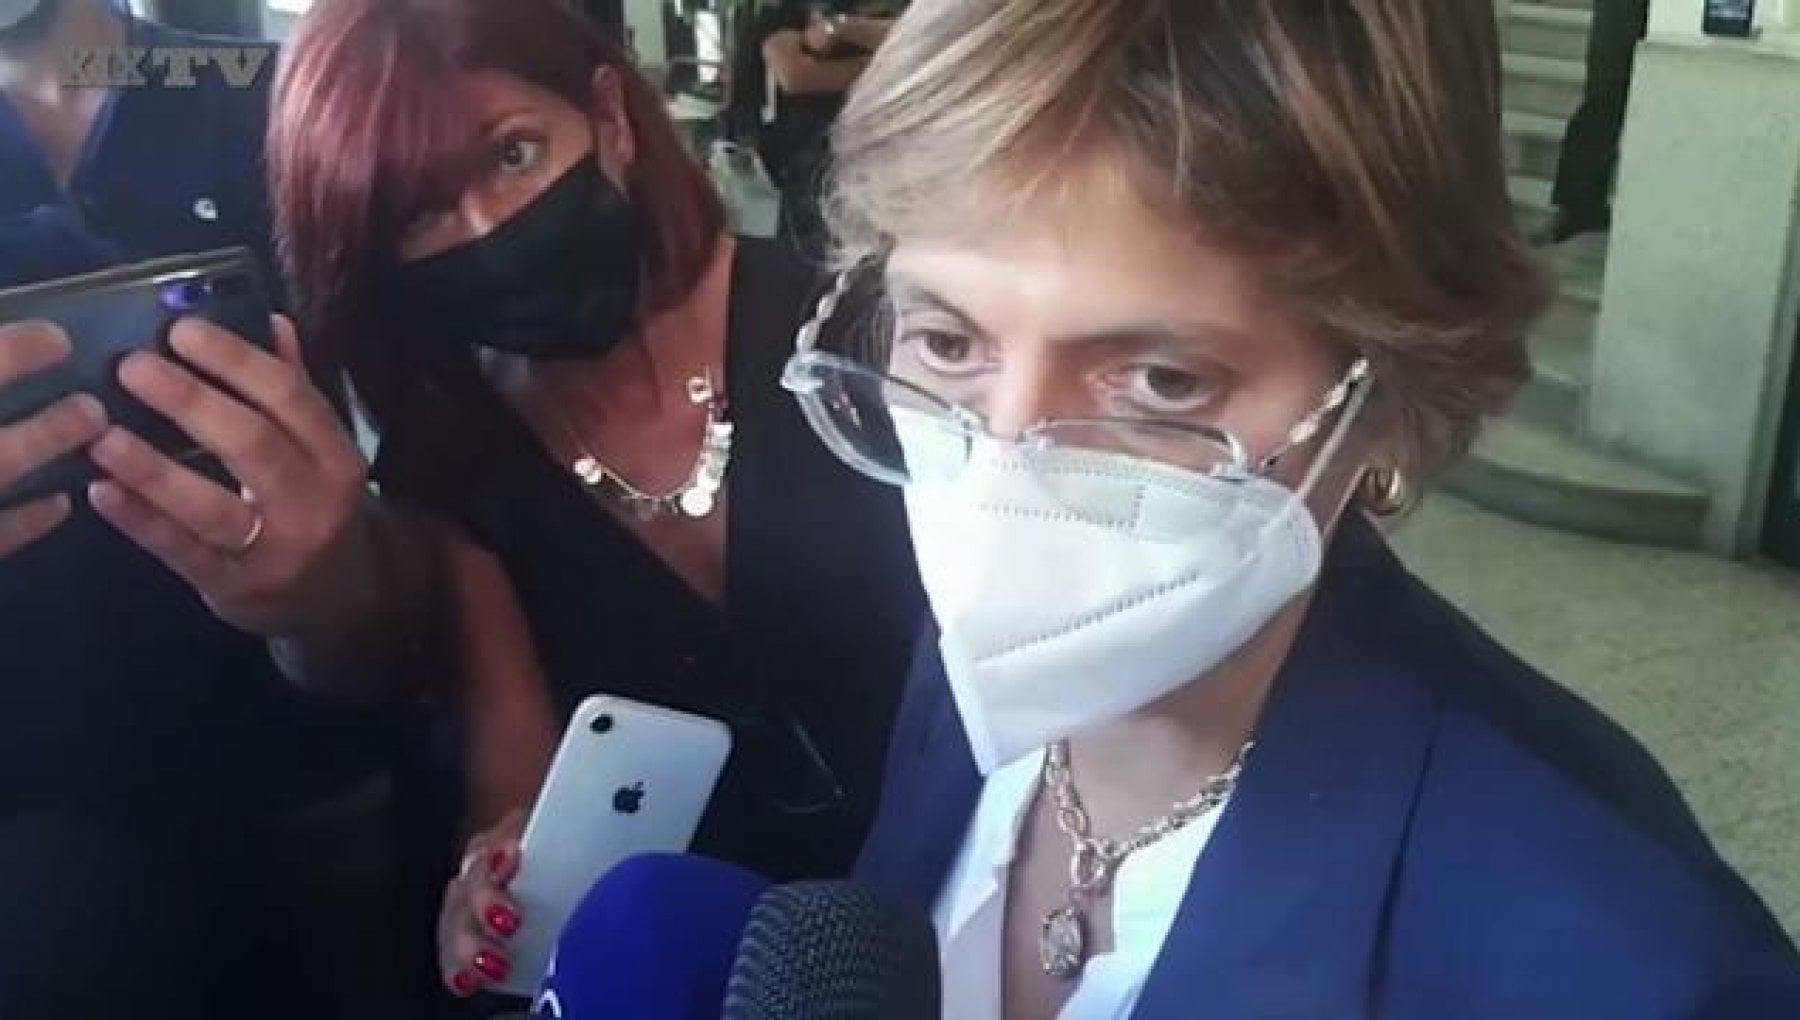 """201720252 fc9ad3ab d2ec 4778 a73b 4d1d2aa26aa2 - Caso Ciro Grillo, in due file audio la verità di Silvia: """"Il sesso solo con chi amo, mi hanno usata"""""""